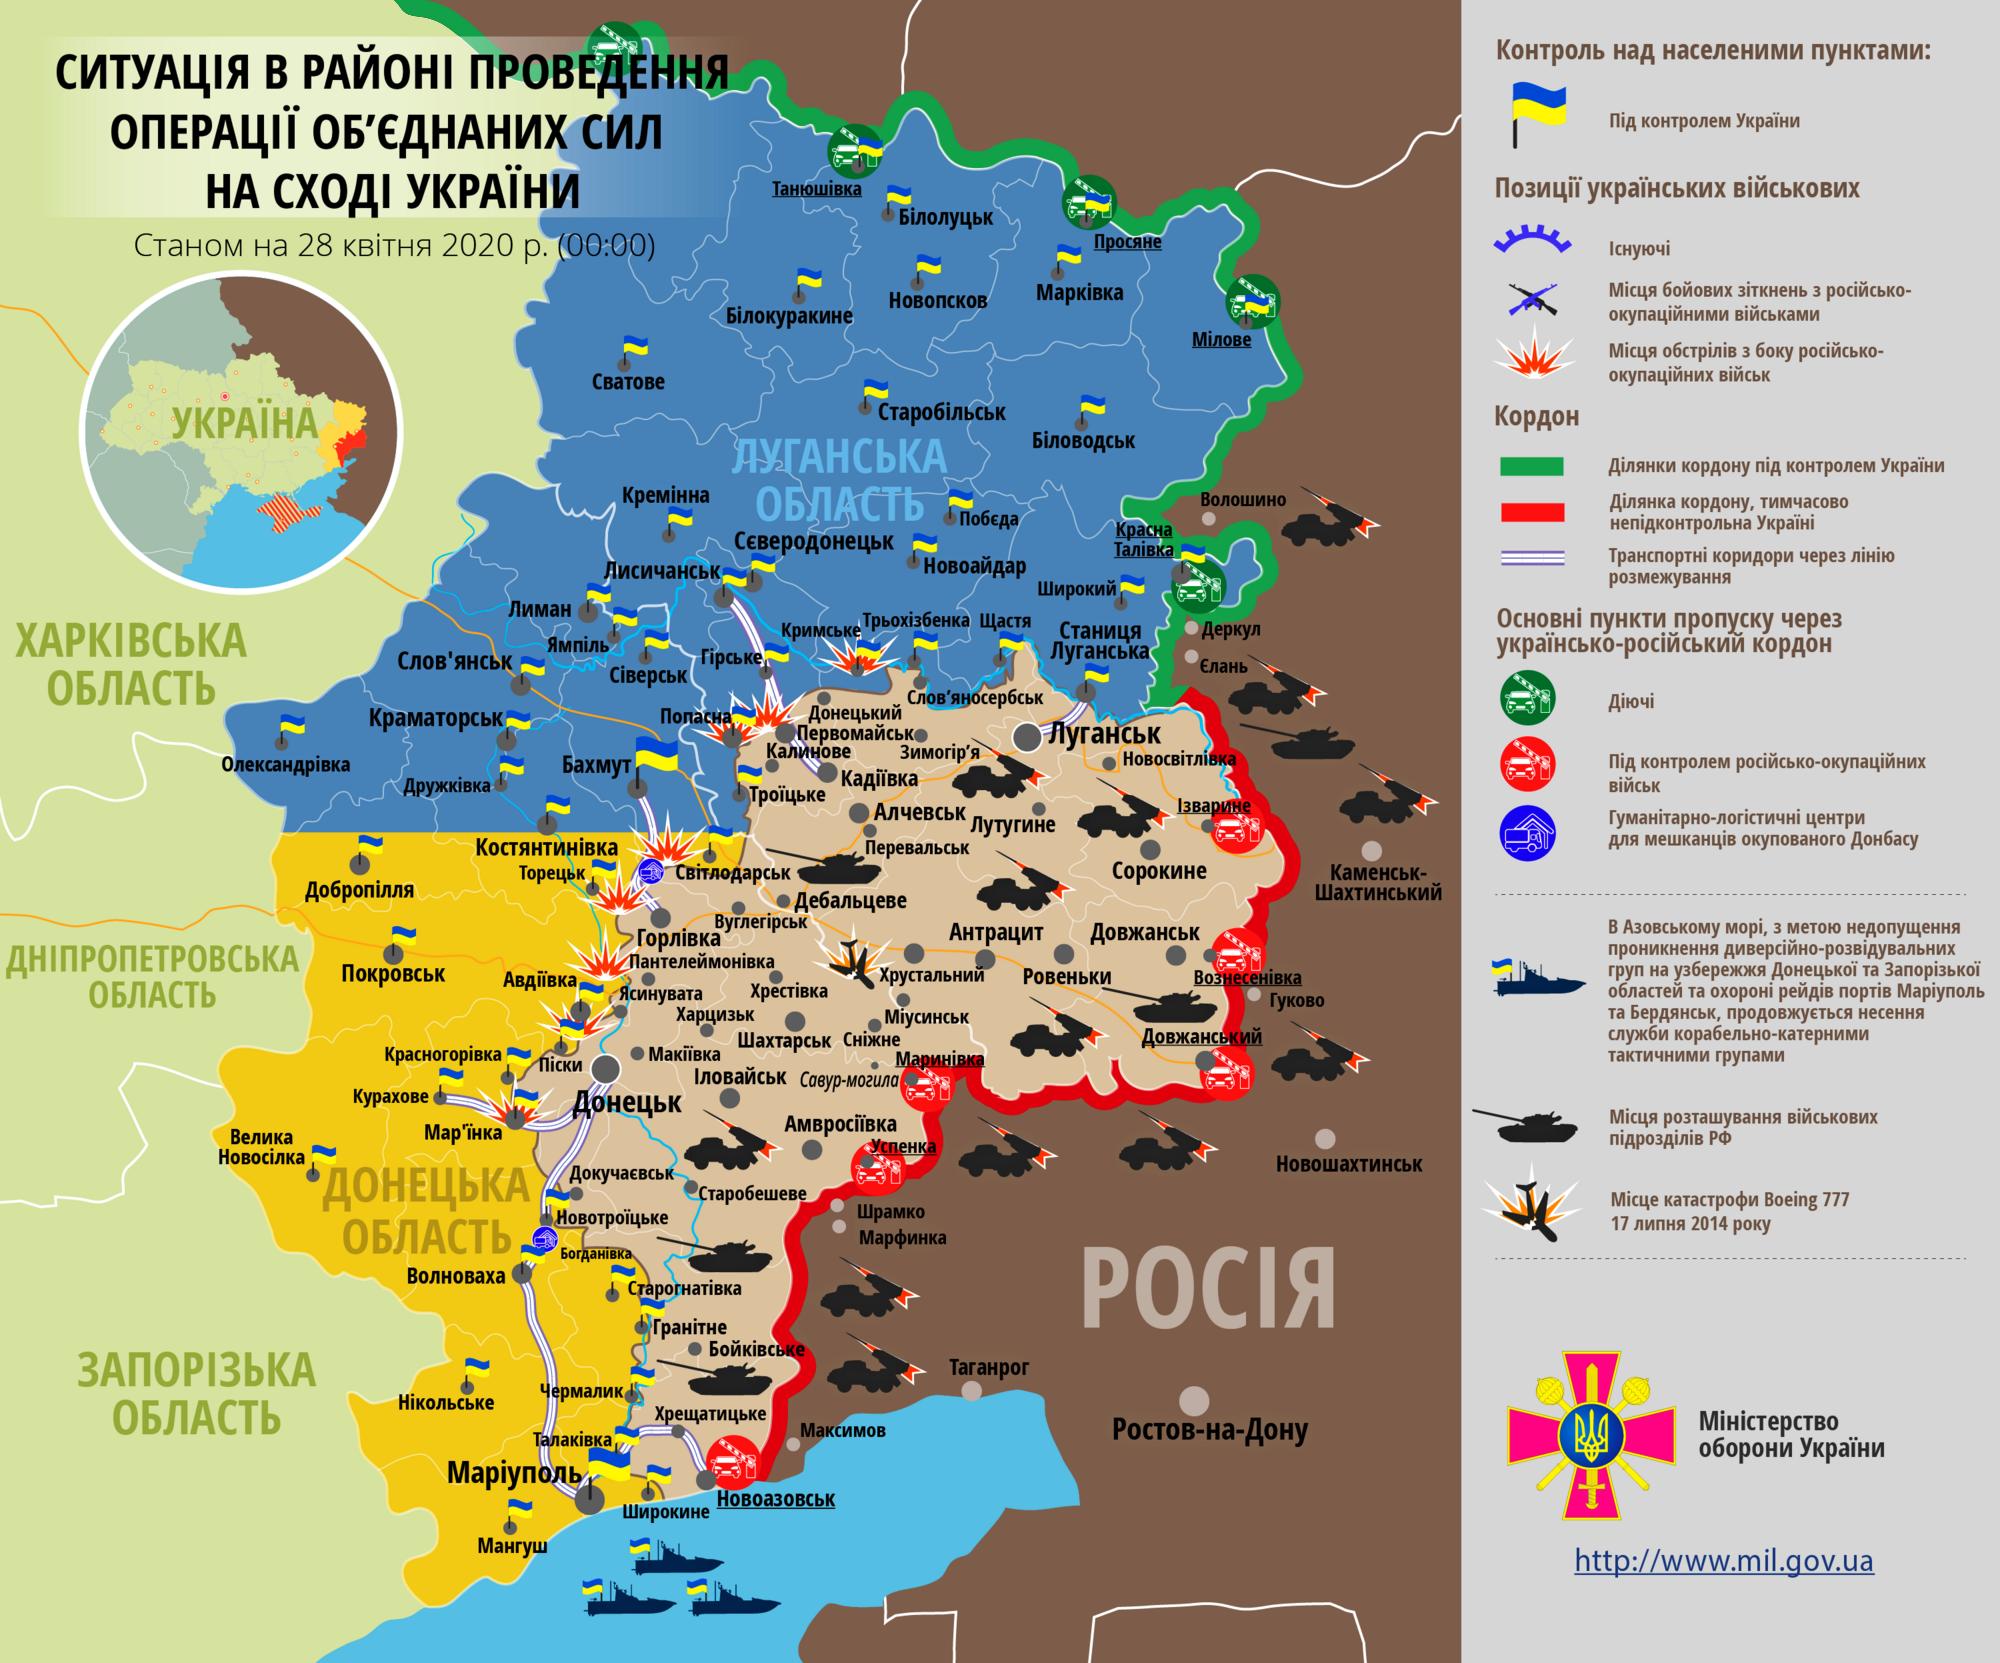 Ситуация в зоне ООС на Донбассе 28 апреля